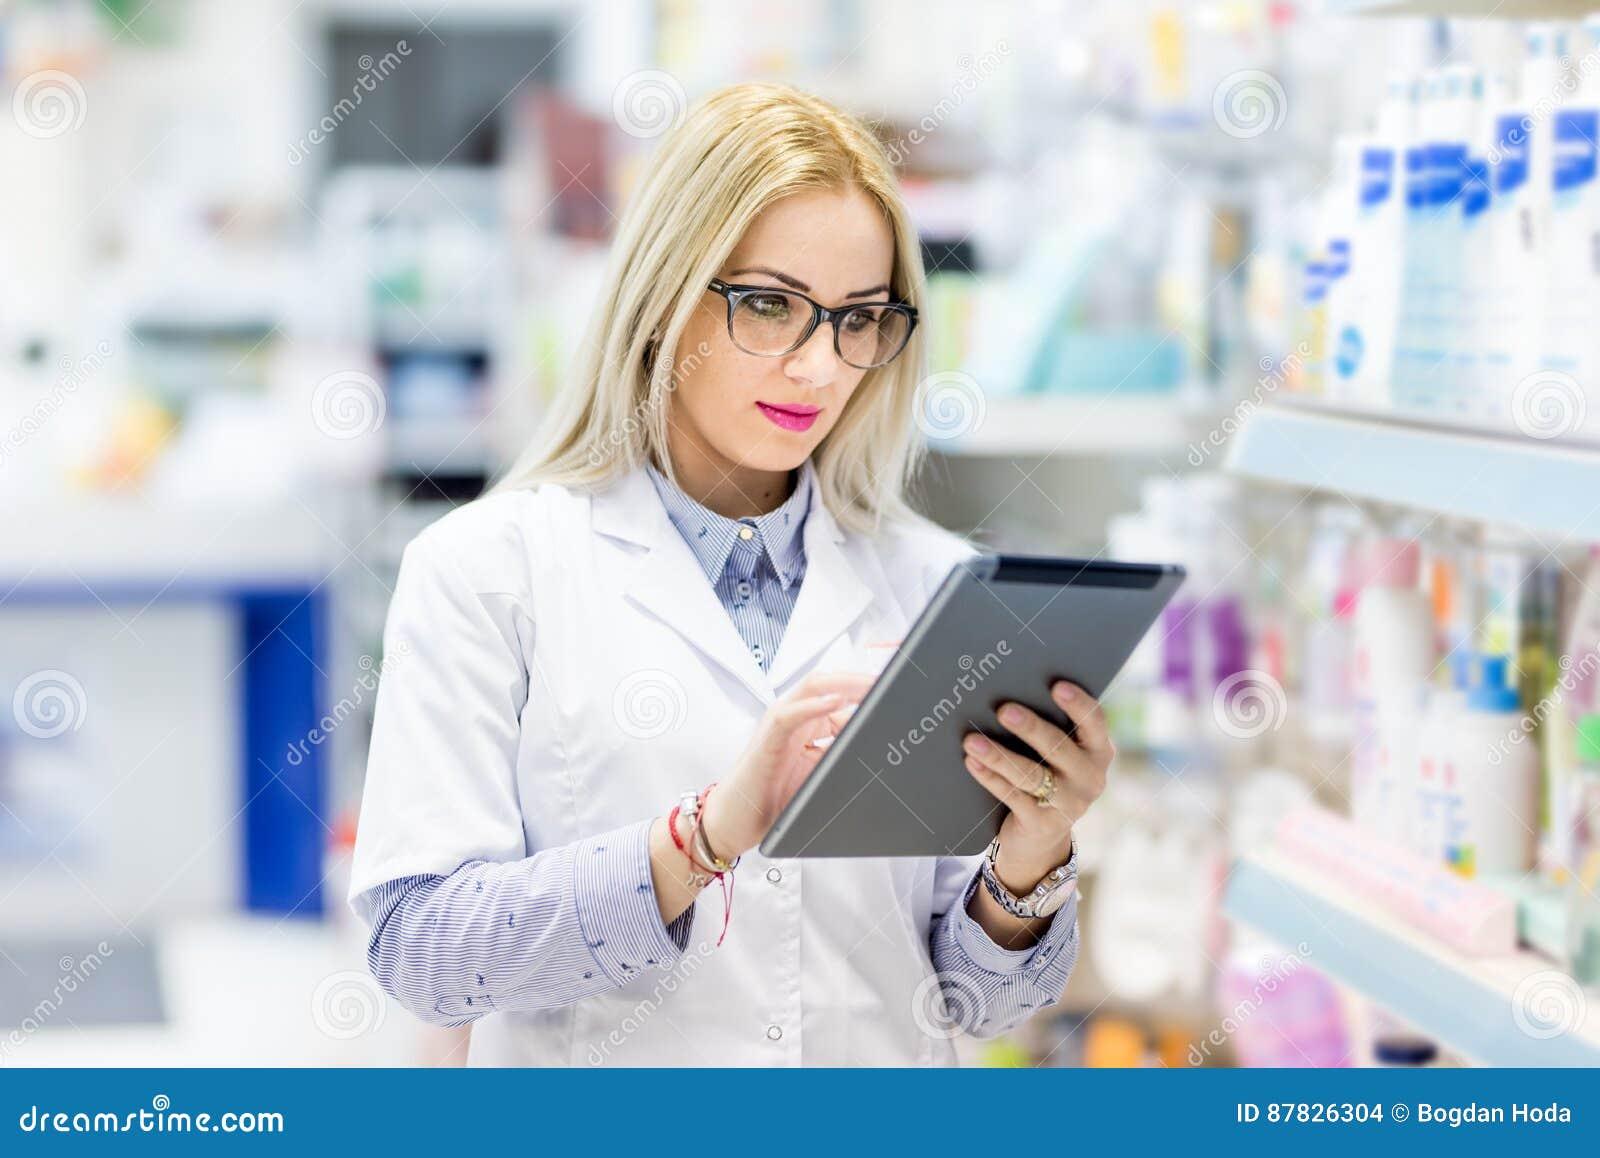 药房细节-白色制服的在配药或医疗领域的医生使用片剂和技术